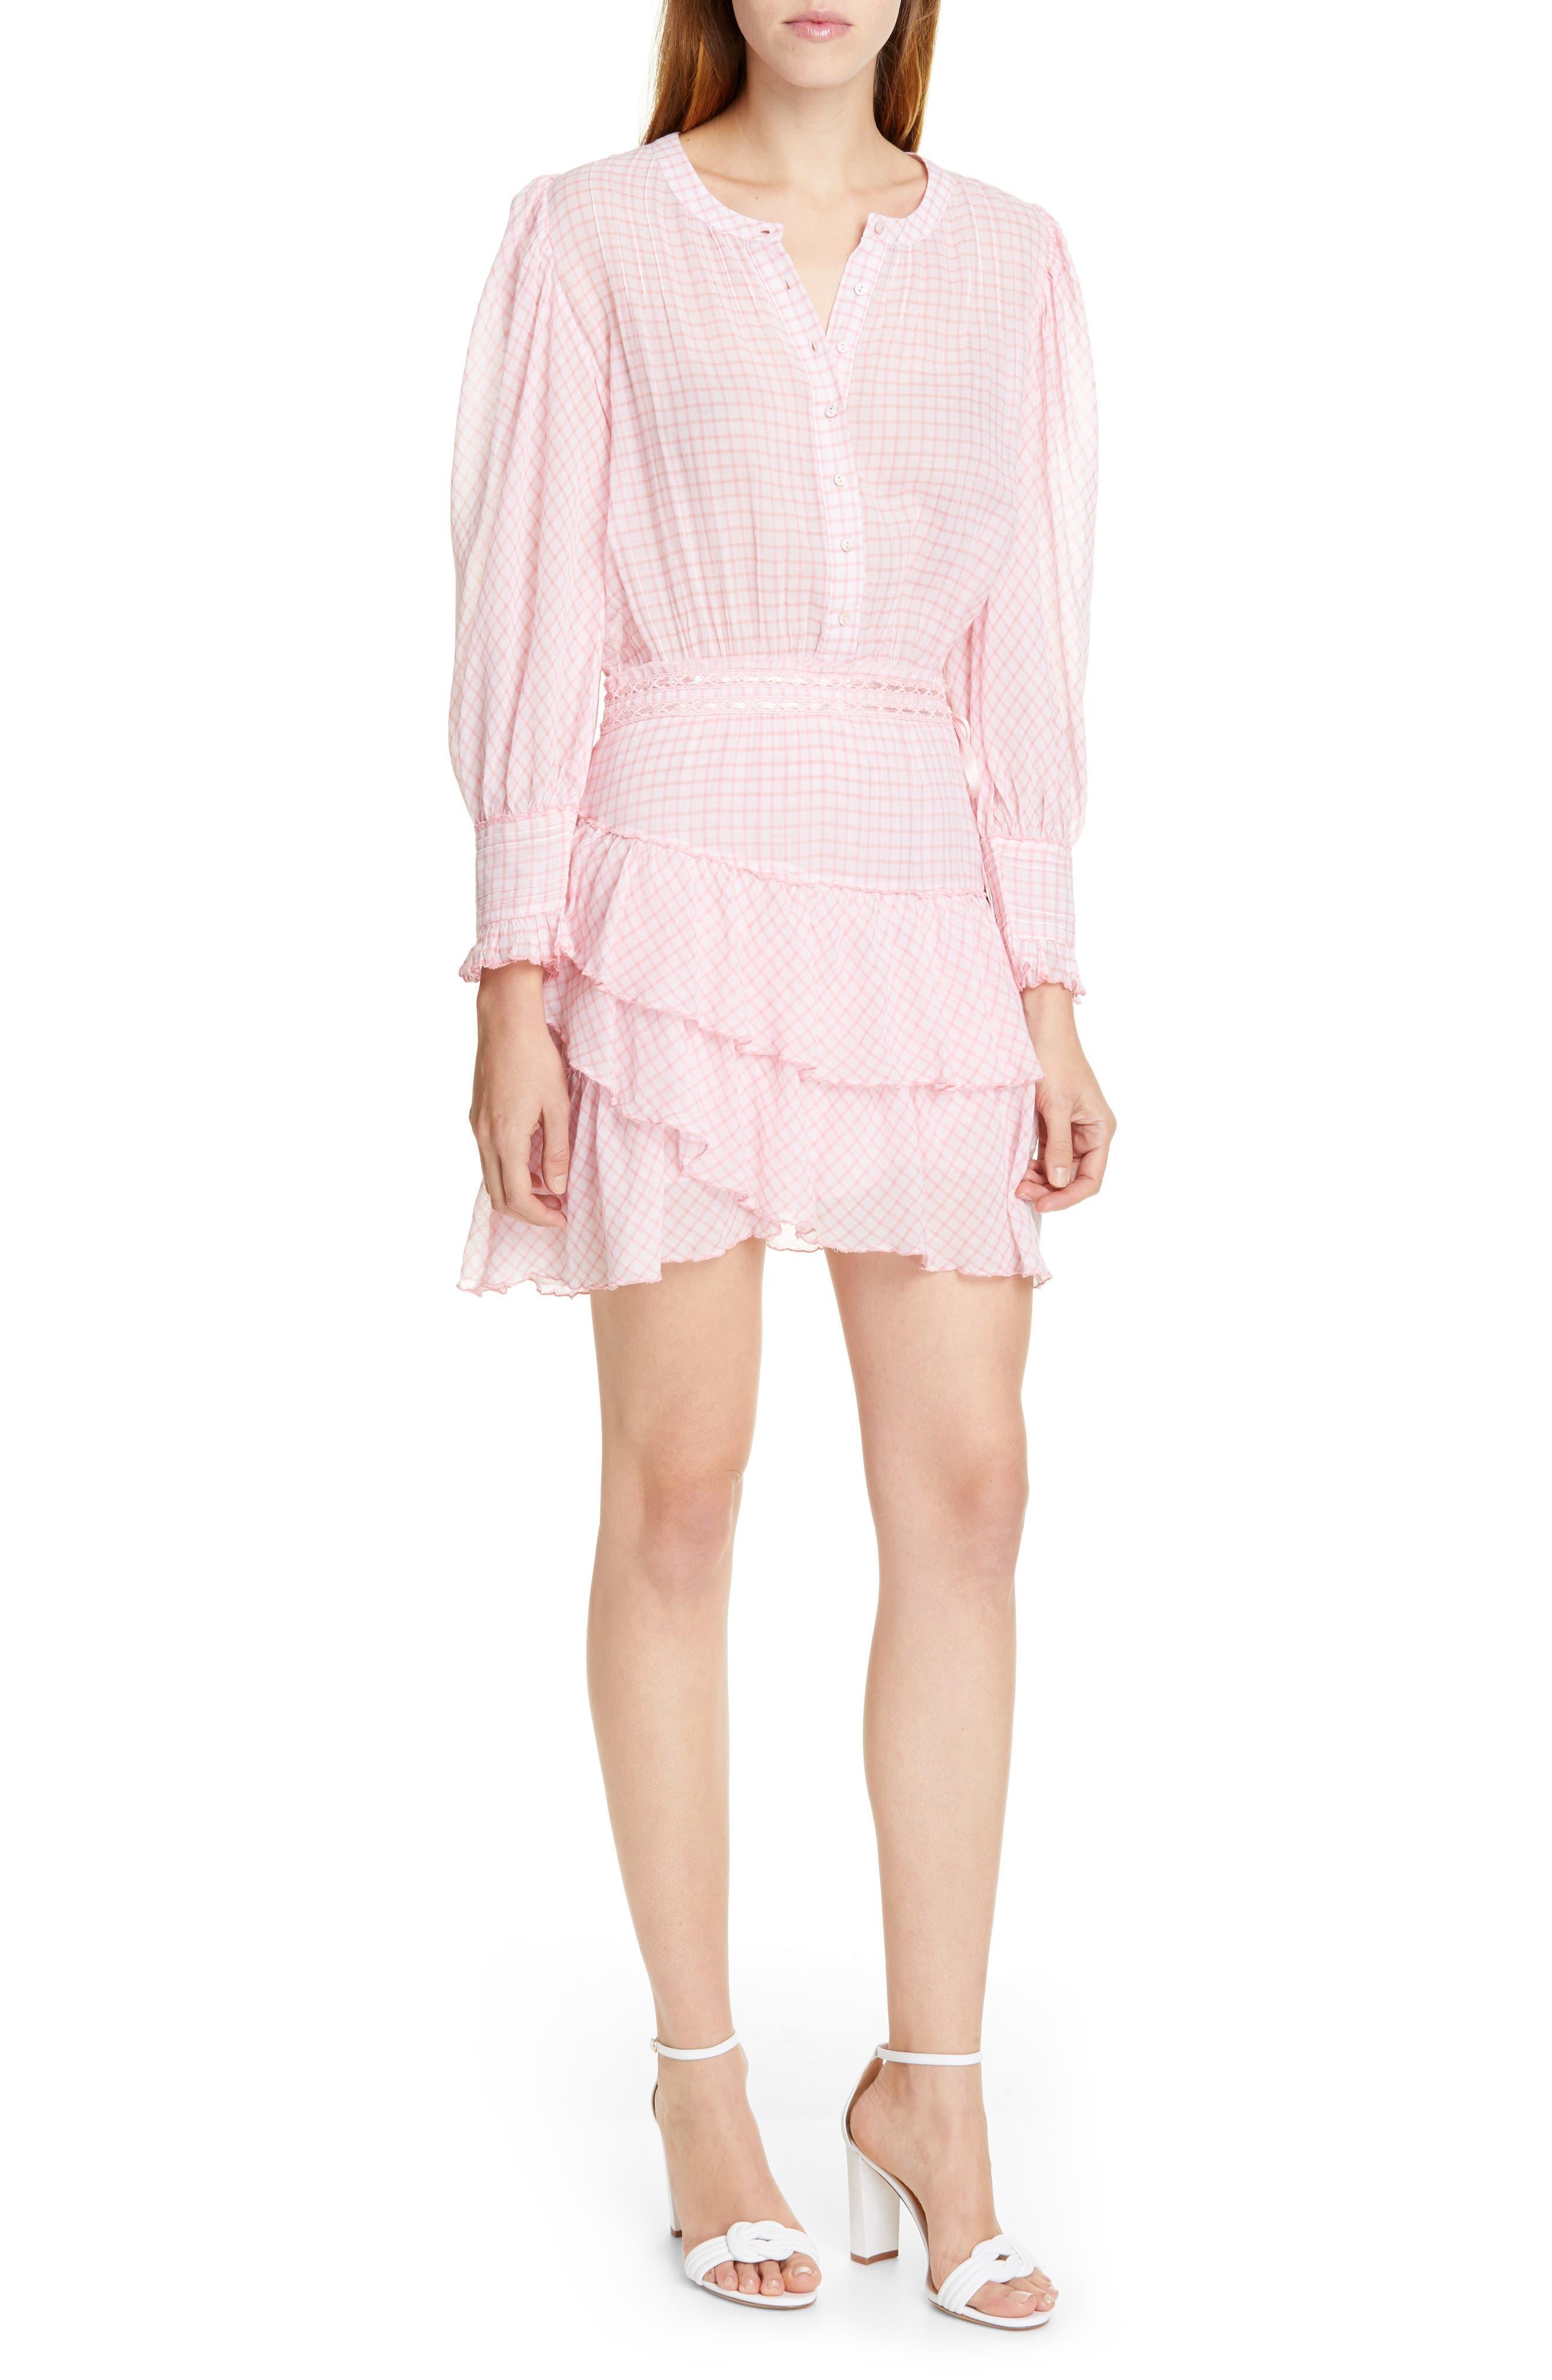 Loveshackfancy Lorelei Ruffle Detail Long Sleeve Cotton Minidress, Pink